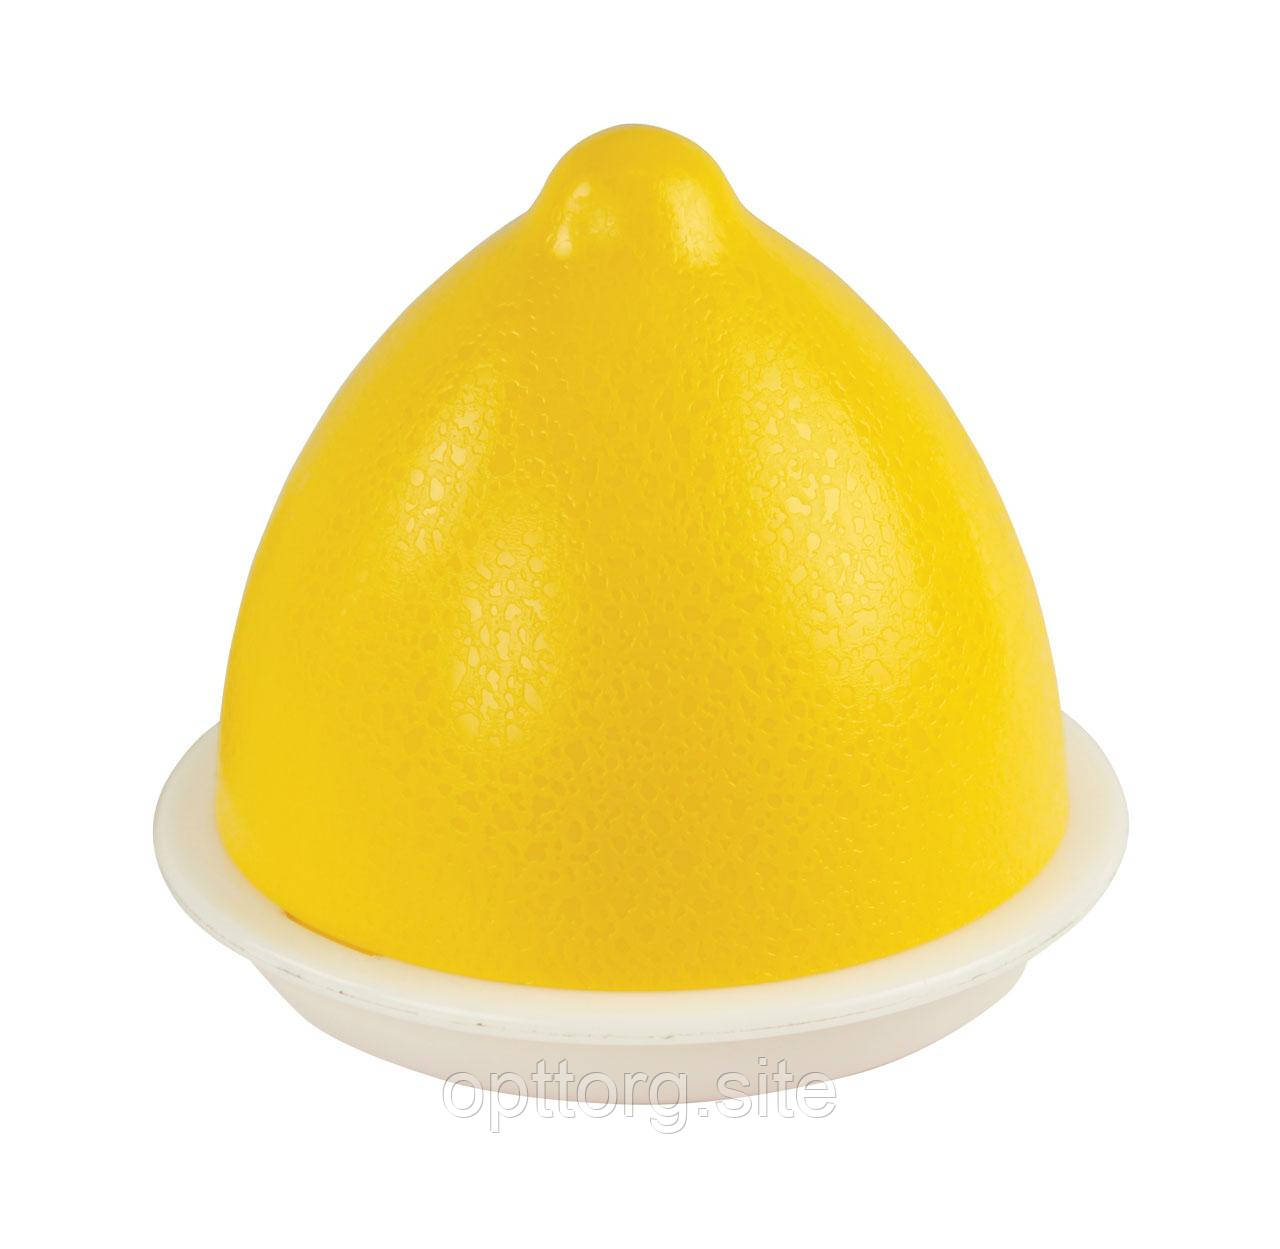 Ёмкость для лимона №2 Альтернатива М1688